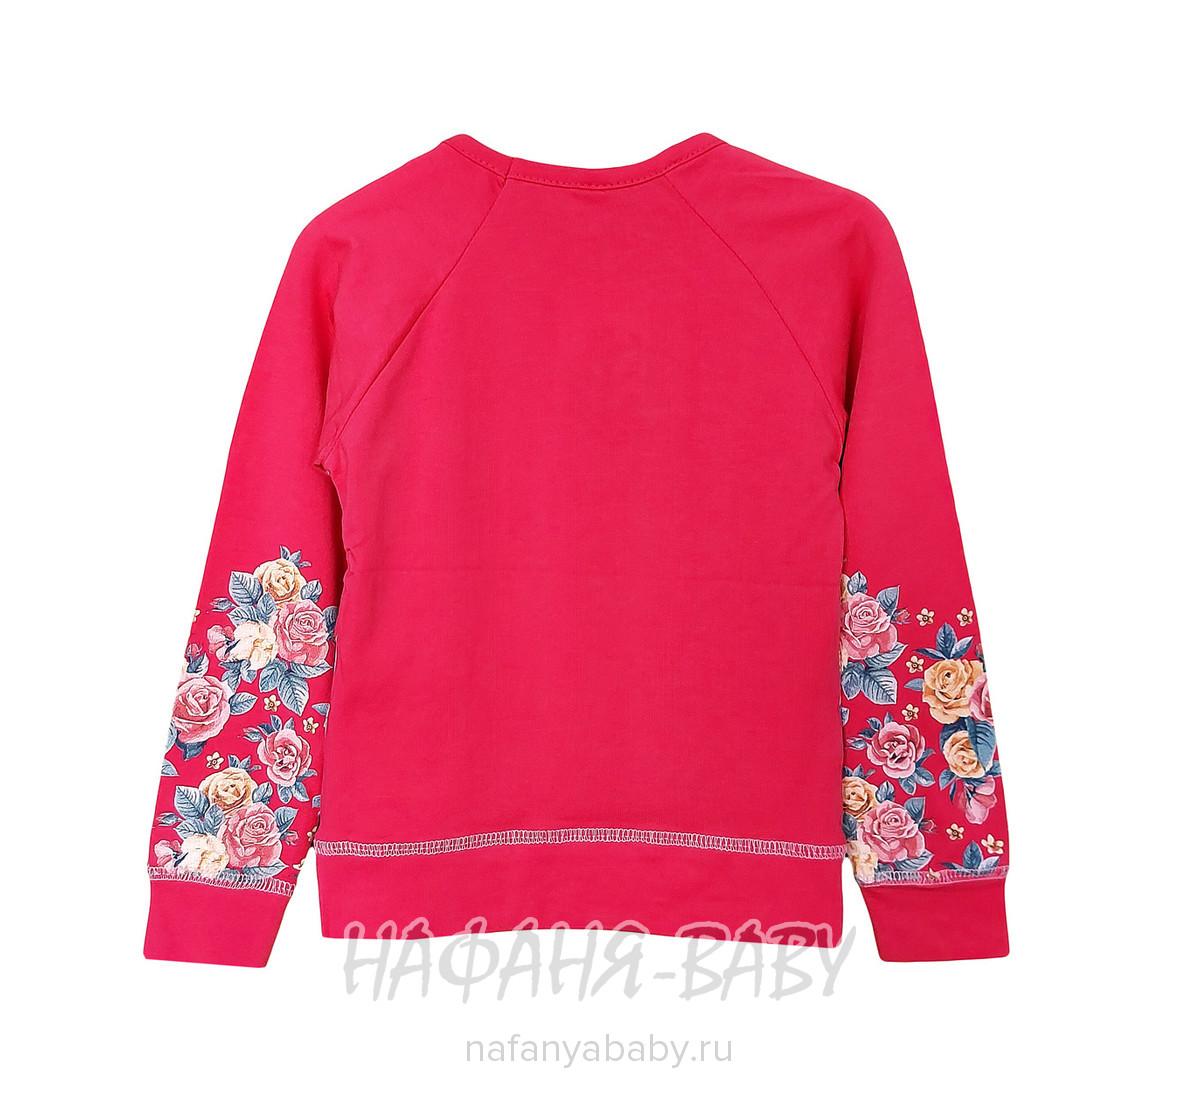 Детский свитшот NARMINI арт: 4813, 5-9 лет, 1-4 года, цвет малиновый, оптом Турция